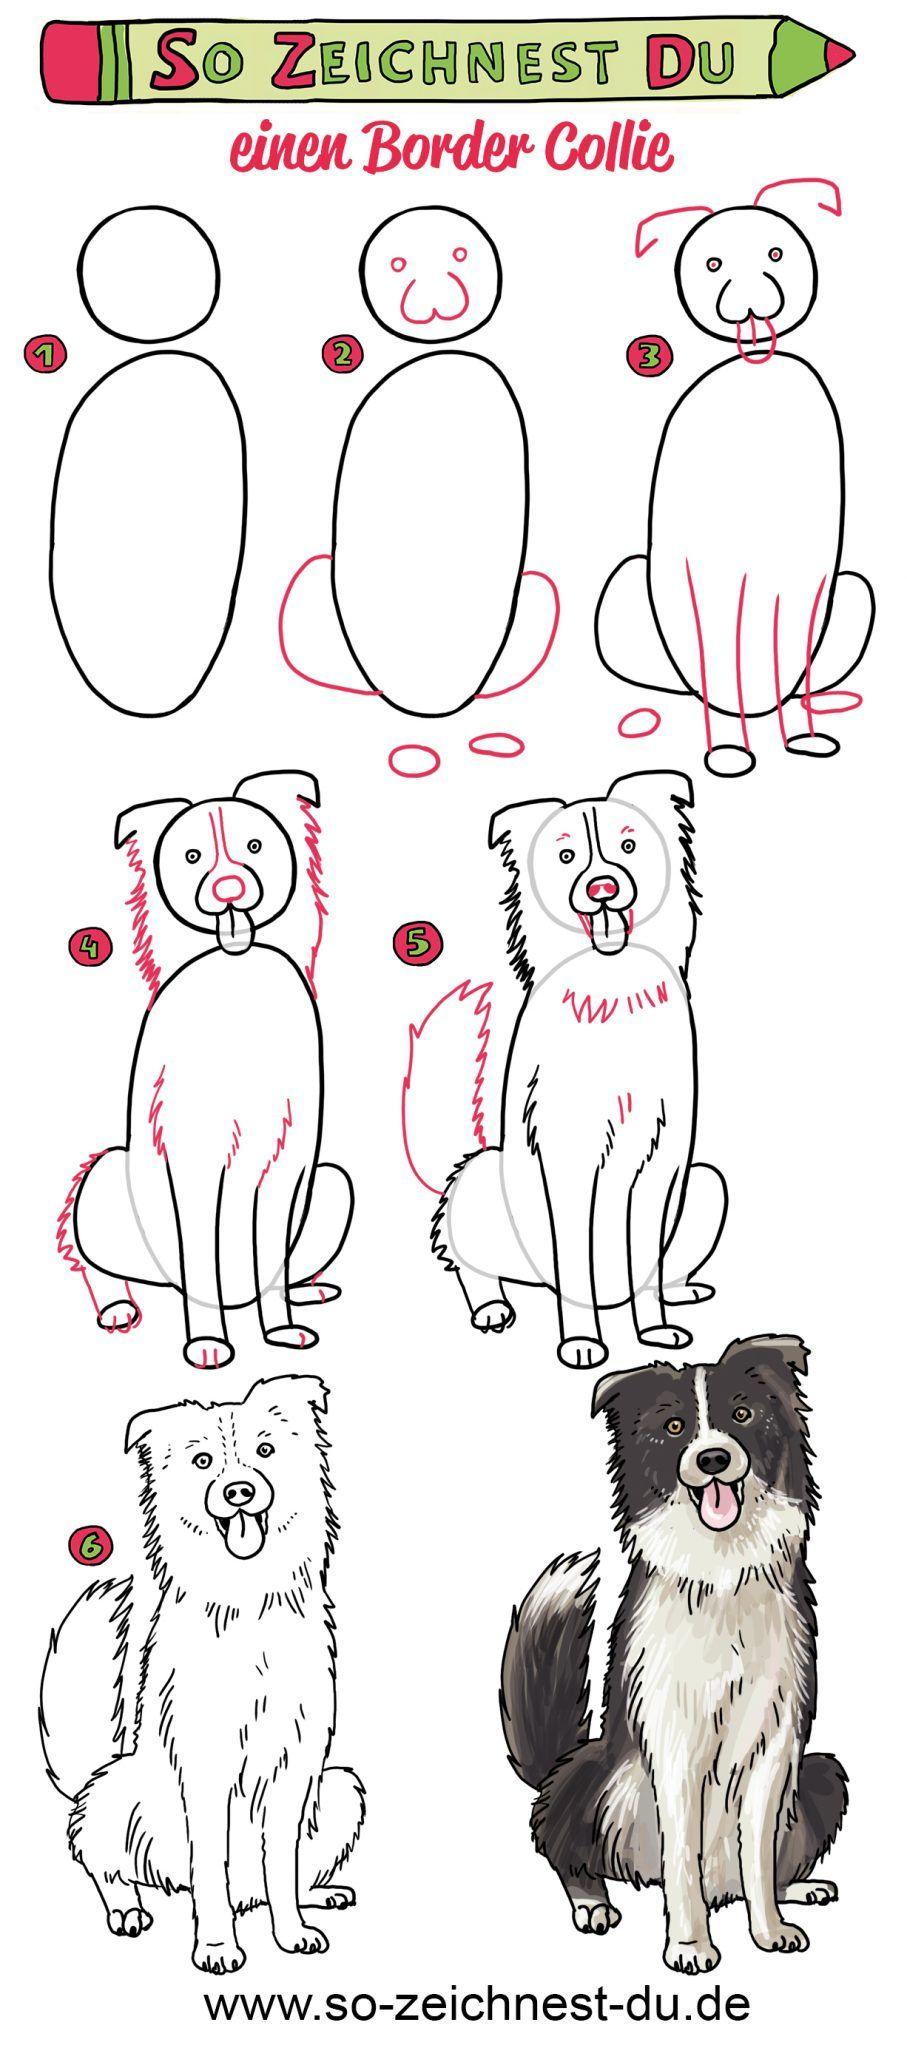 So Zeichnest Du Einen Hund Border Collie Hund Zeichnen Hundezeichnung Susse Tiere Zeichnen